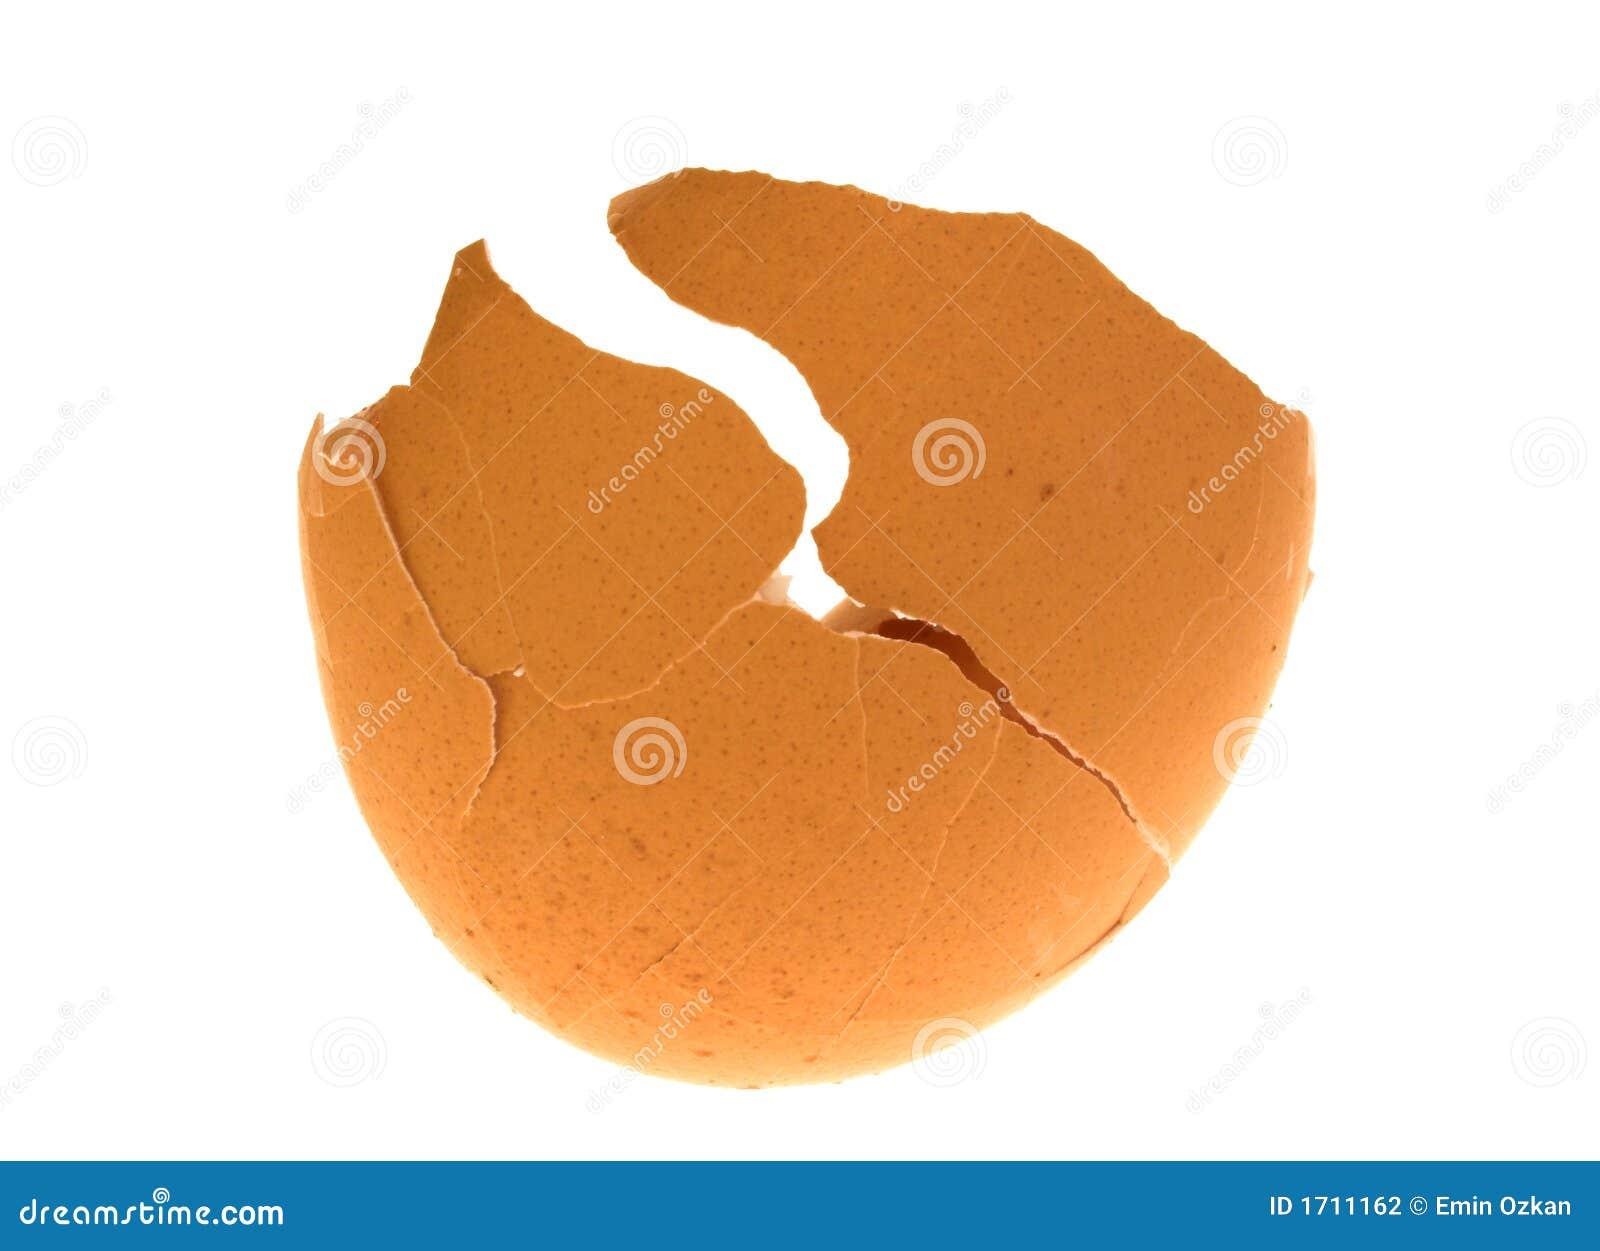 Egg Cracked,Egg,Cracked EggShell_点力图库